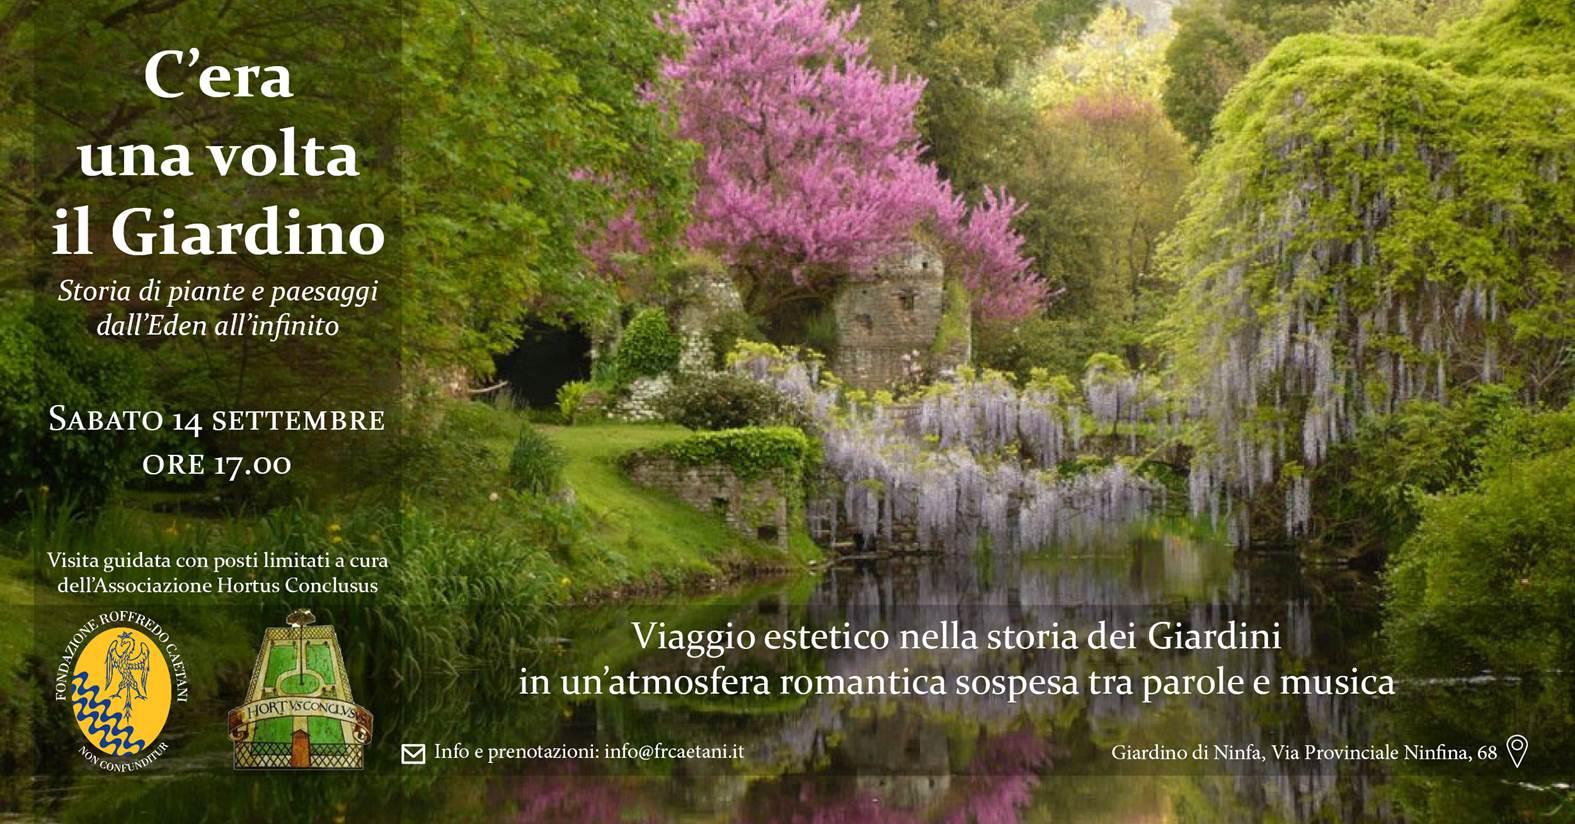 Giardino di Ninfa: C'ERA UNA VOLTA IL GIARDINO. STORIA DI PIANTE E PAESAGGI DALL'EDEN ALL'INFINITO @ Giardino di Ninfa | Cisterna di Latina | Lazio | Italia